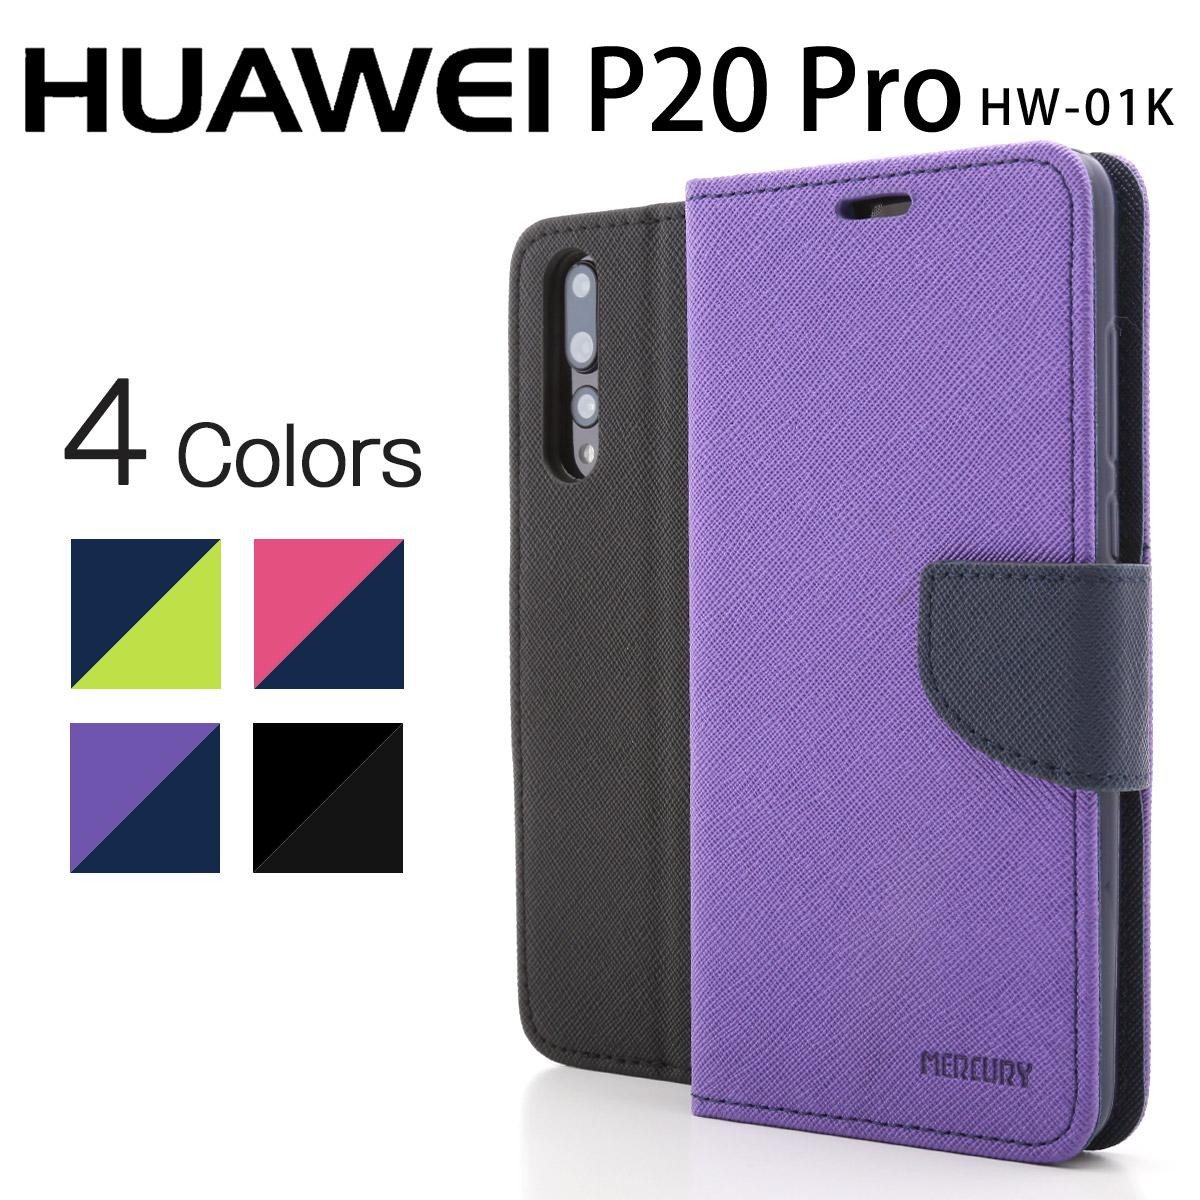 P20 Pro コンビネーションカラー手帳型ケース